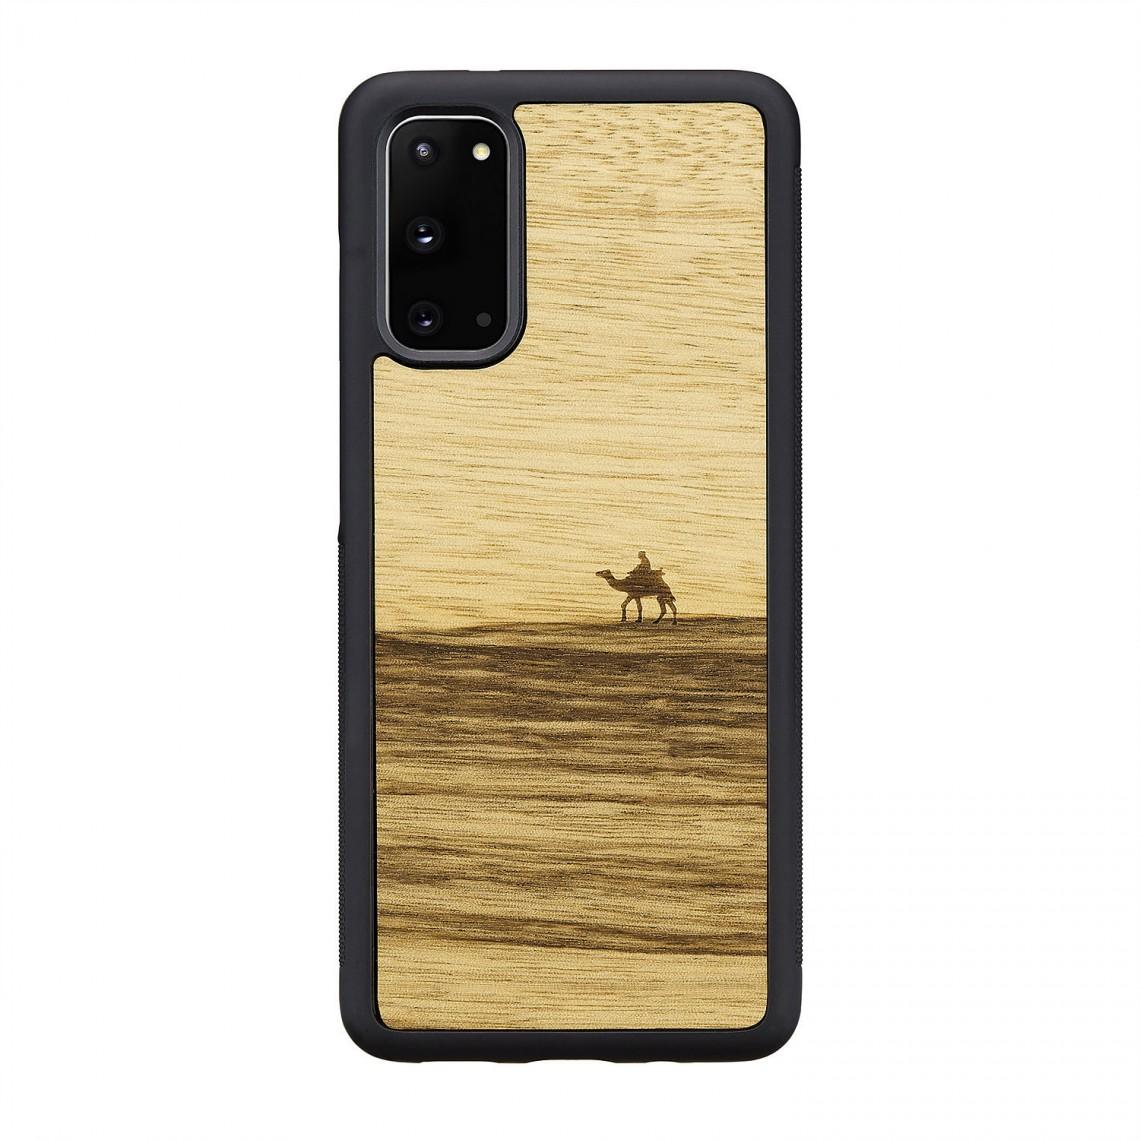 Man&Wood Galaxy S20/S20+/S10/S10+/S9/S9+/S8/S8+ 天然木ケース Terra